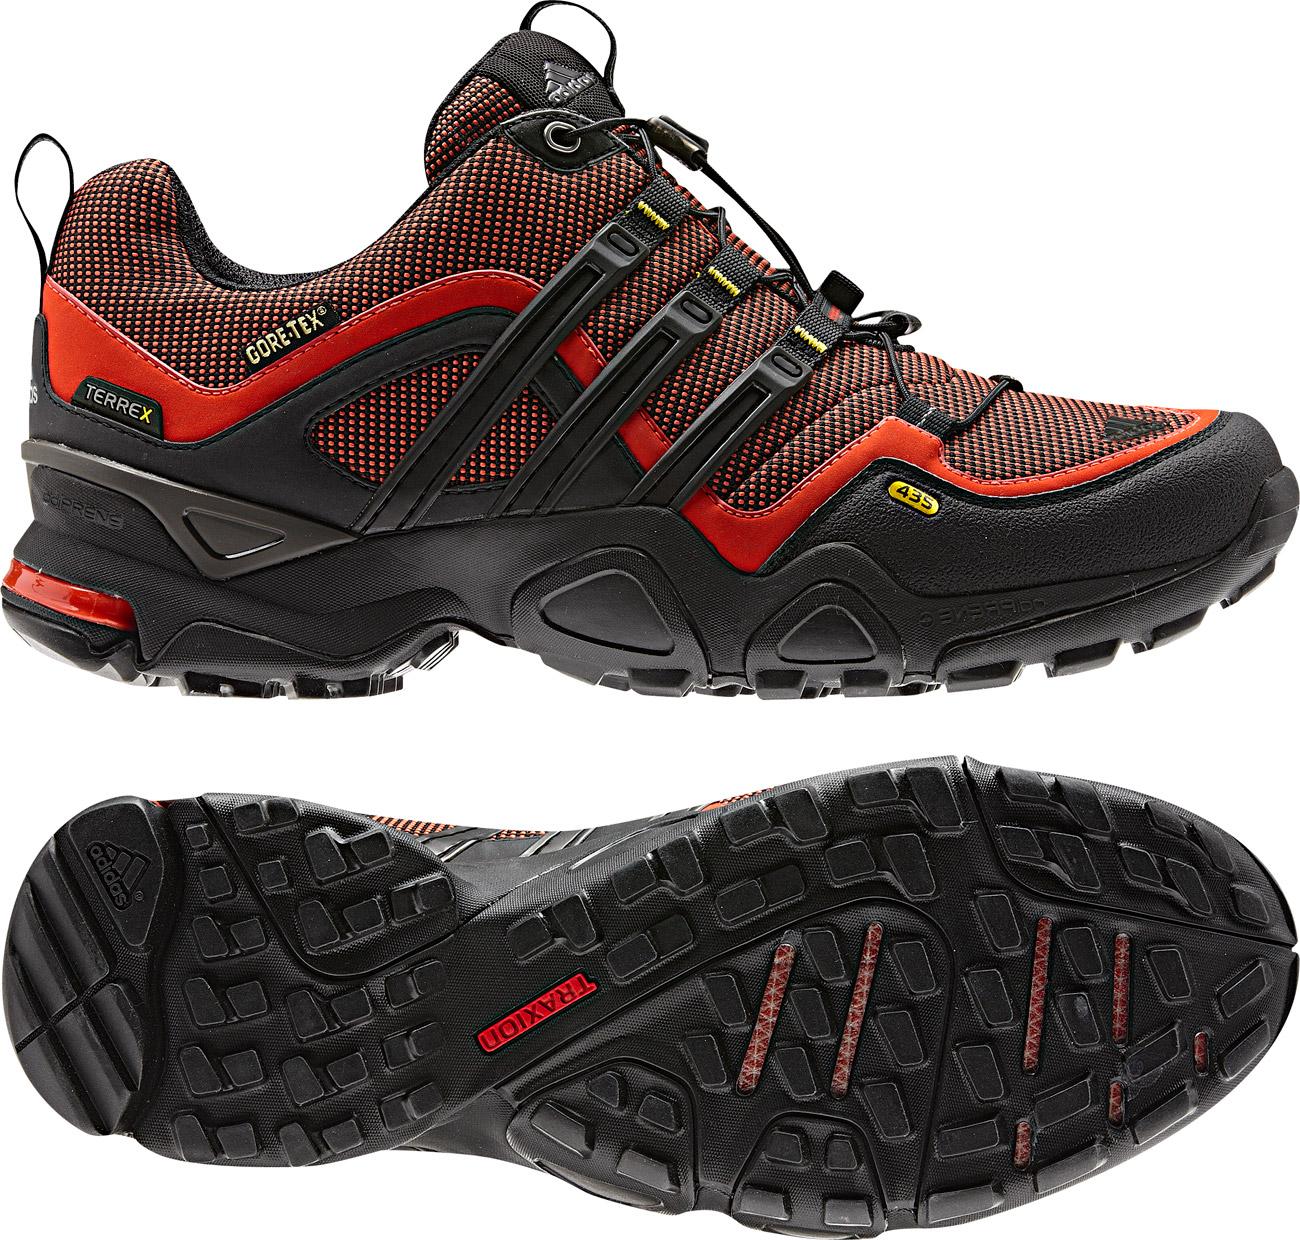 adidas TERREX Fast X GTX FM - adidas LH24 tip. Extra lehká outdoorová obuv  pro rychlý a dynamický pohyb v terénu a8f3308fdc4